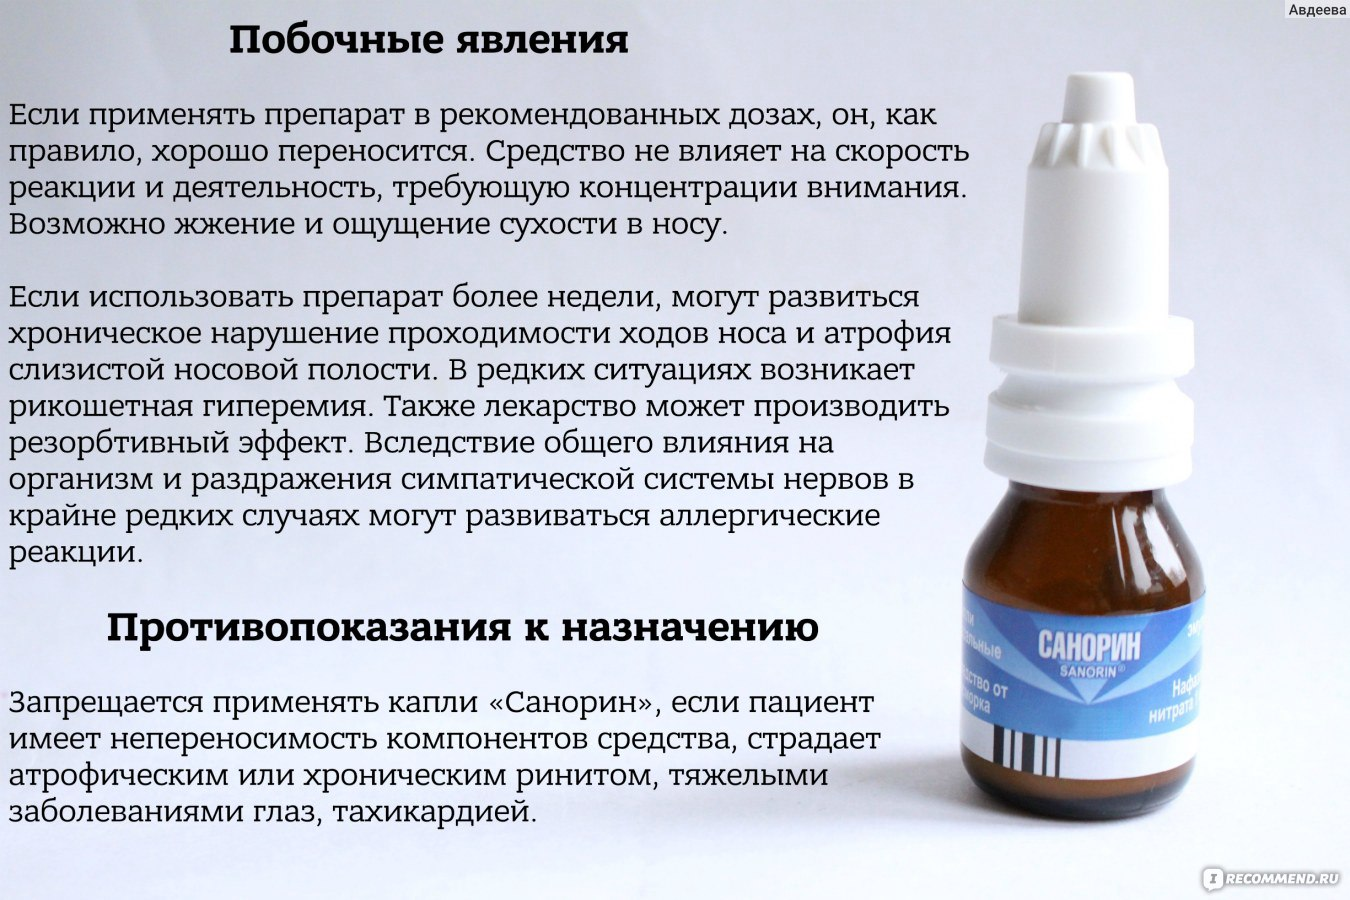 Санорин при беременности в 1, 2 и 3 триместре